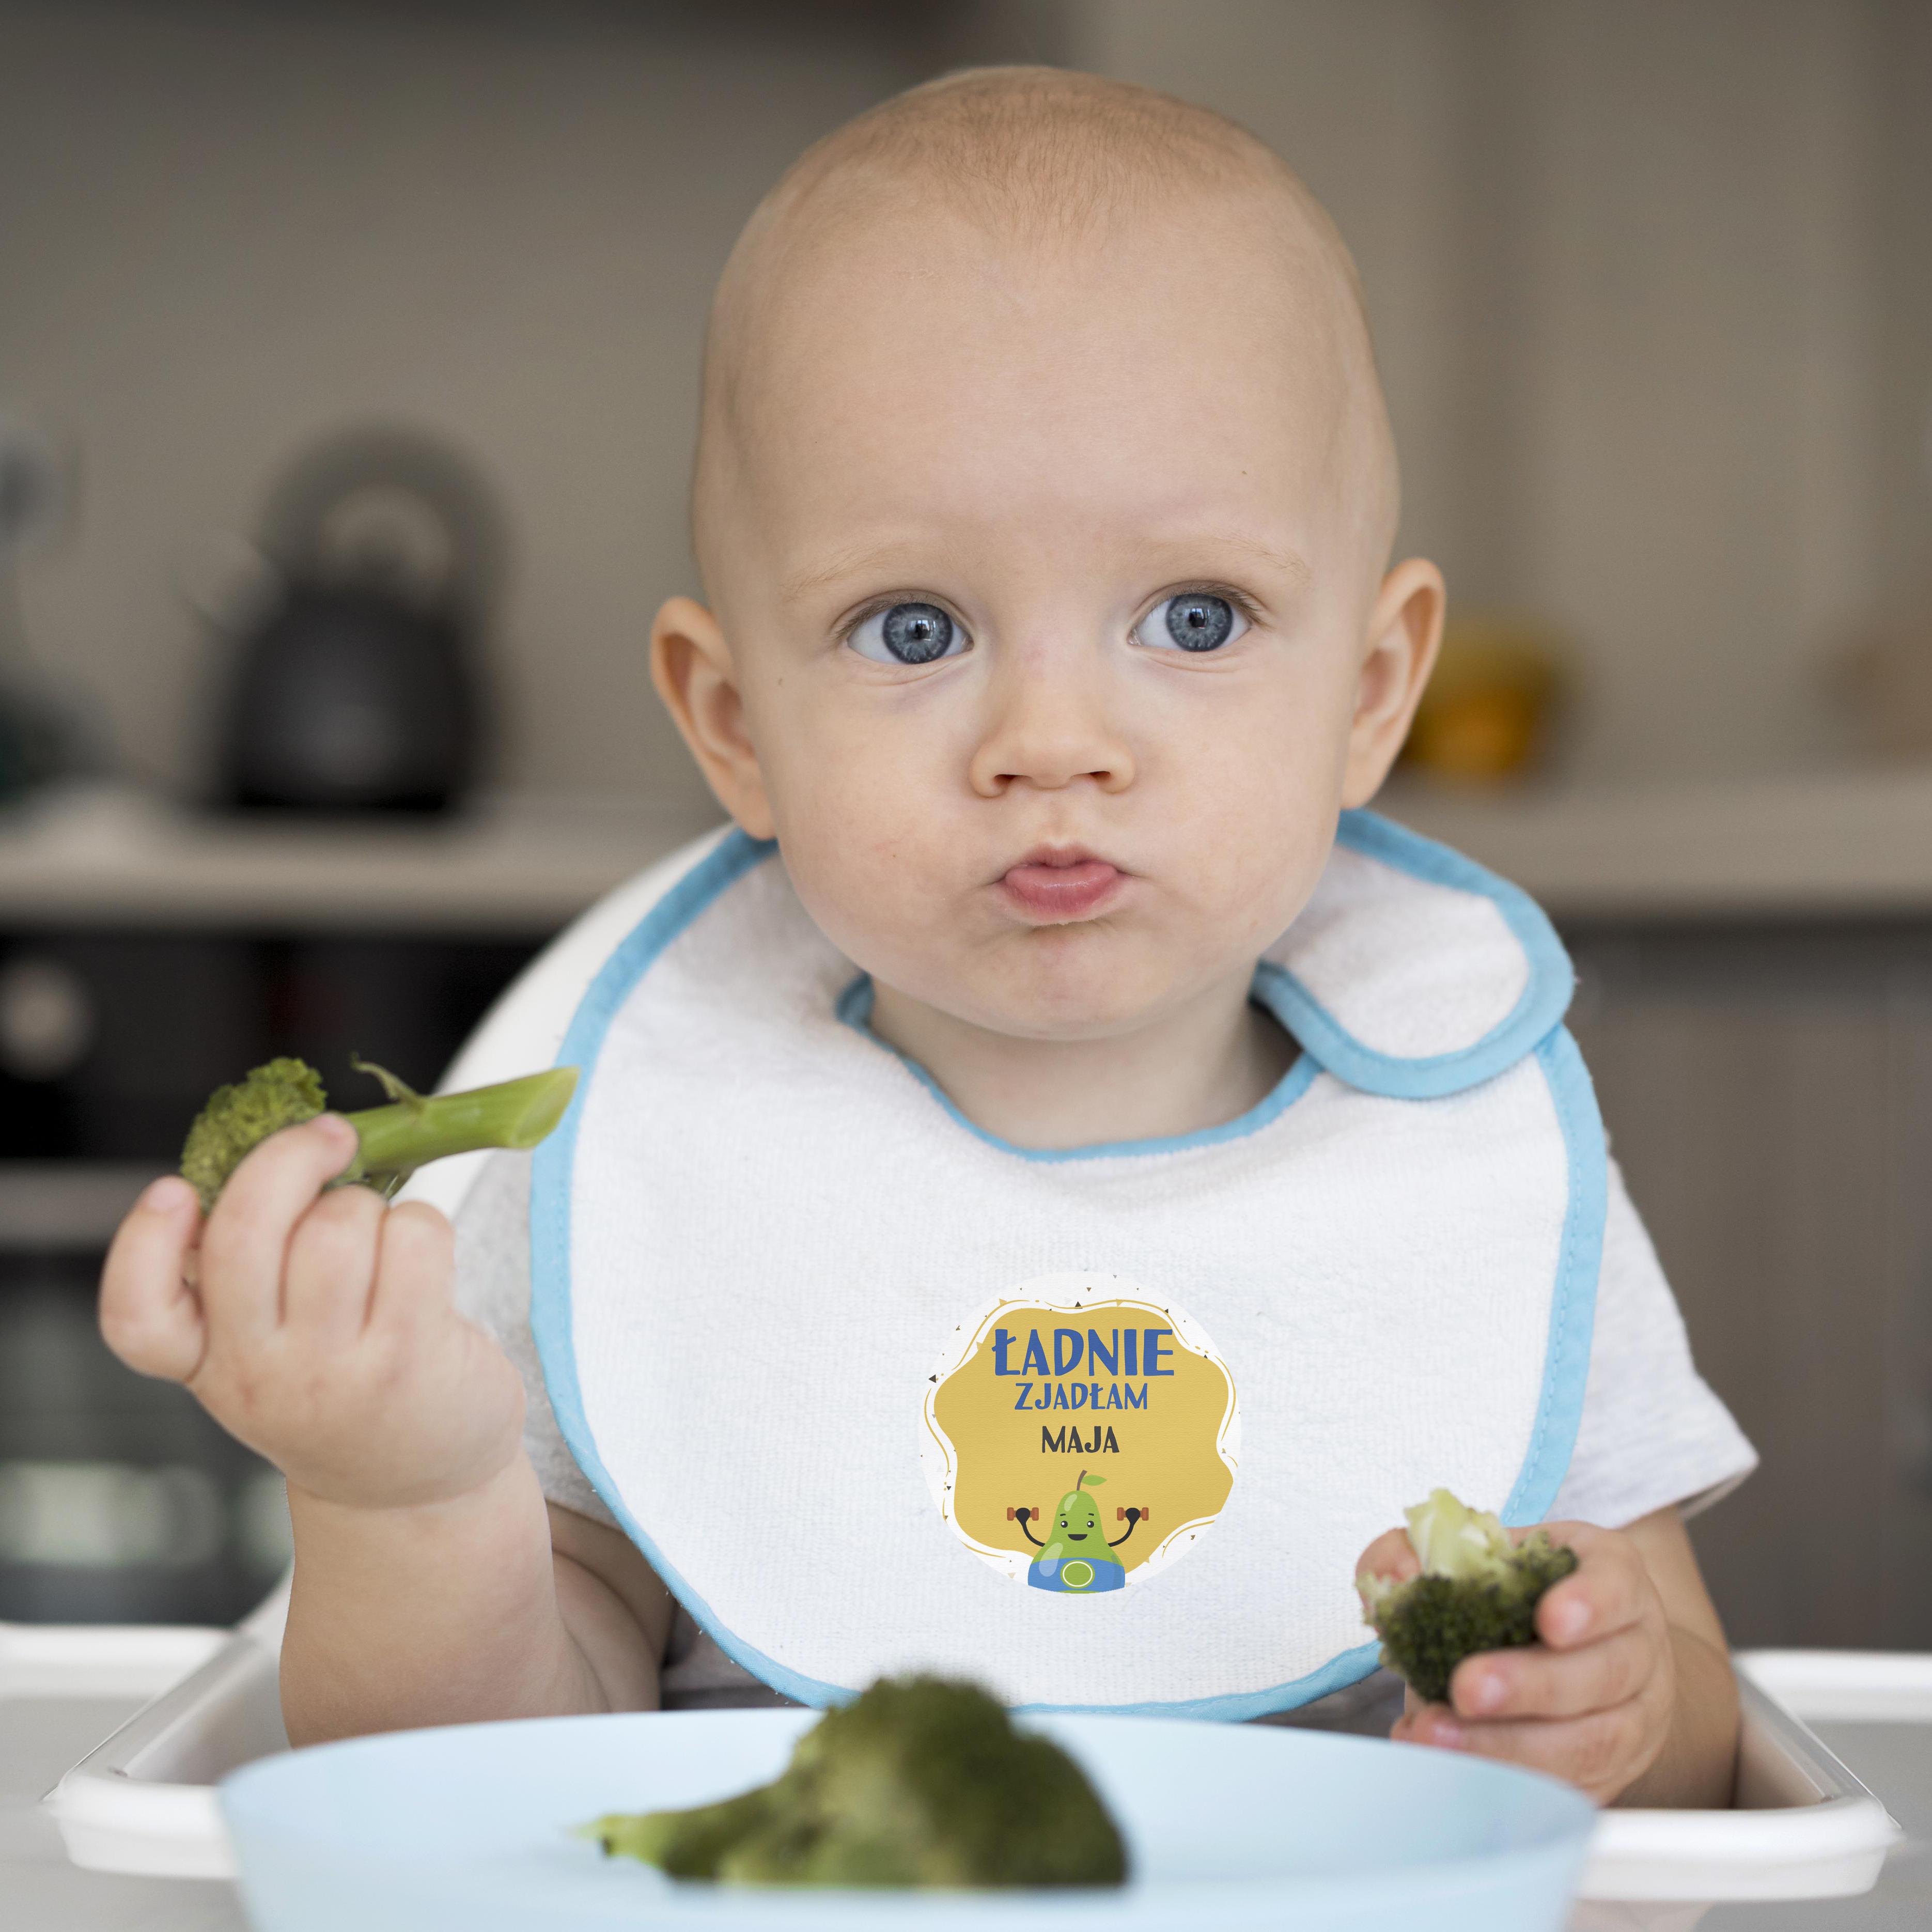 Naklejki nagrody motywacyjne dla dzieci ładnie zjadłem gruszka